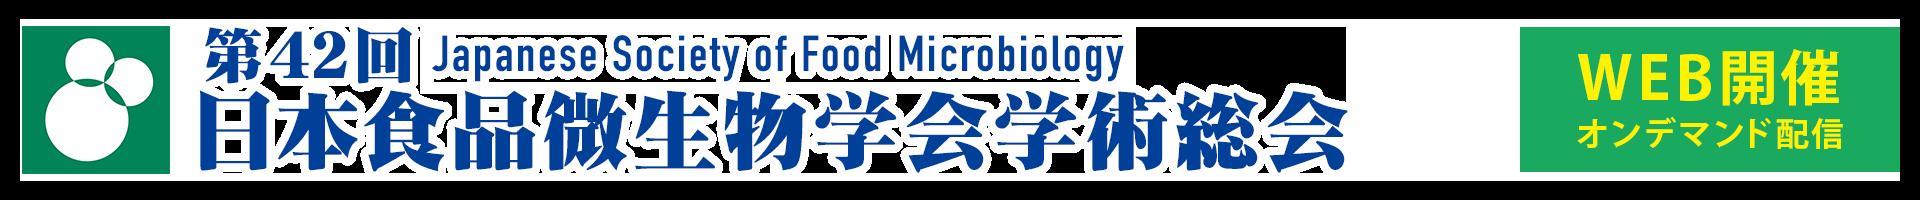 第42回日本食品微生物学会学術総会